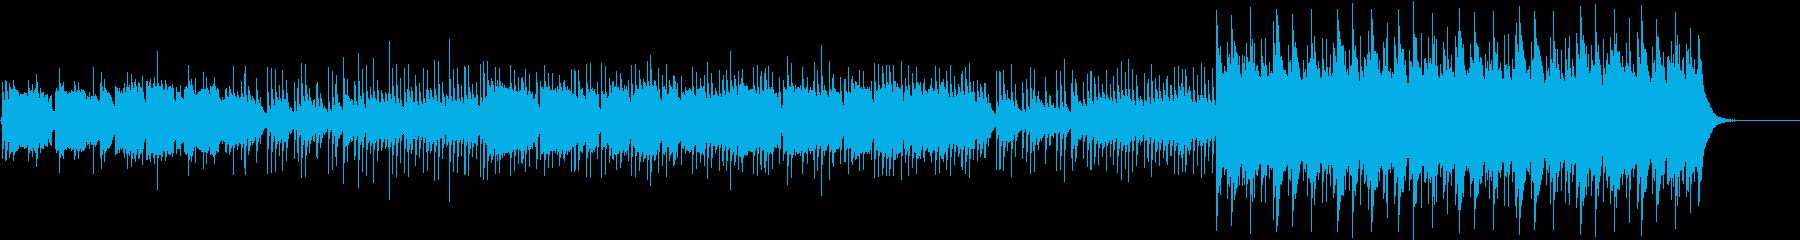 尺八と琴の優しい旋律+和太鼓の再生済みの波形